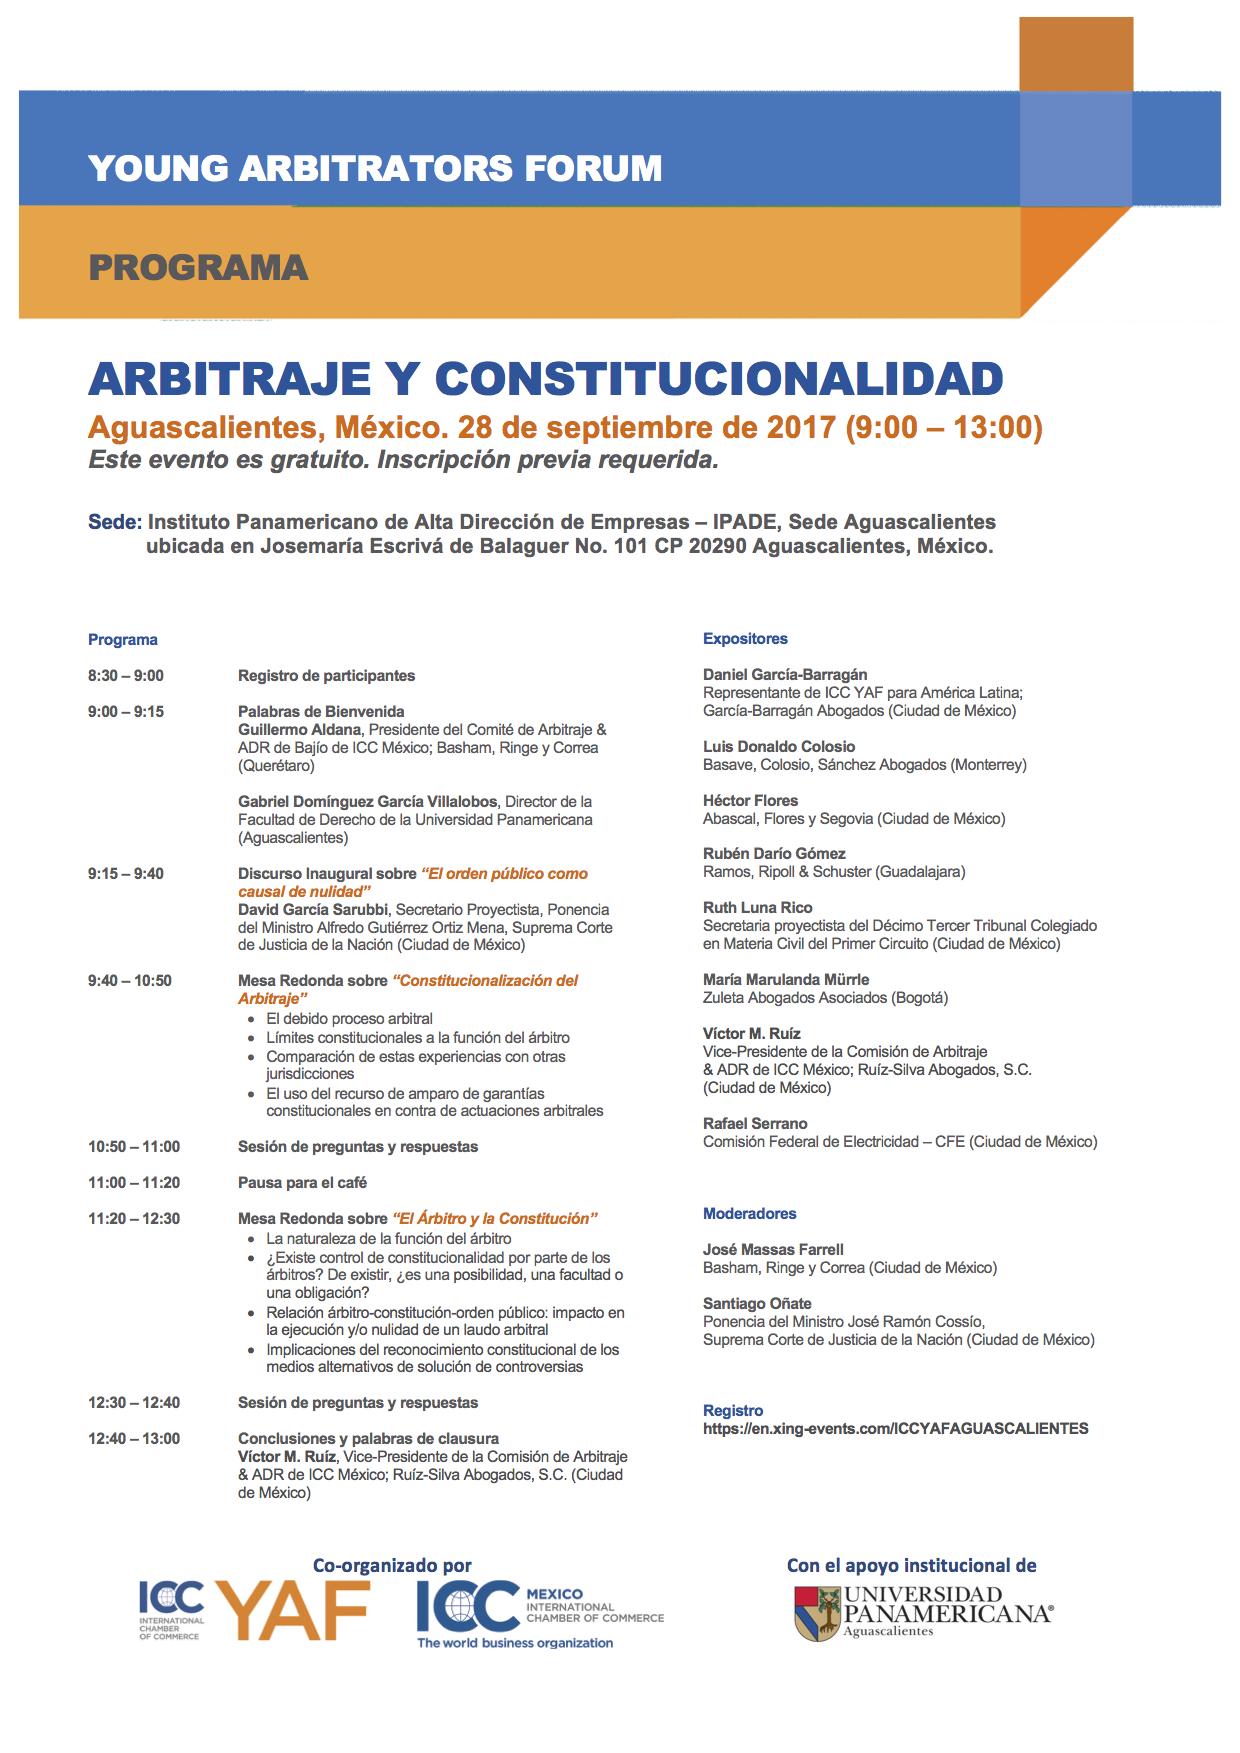 ICC YAF Aguascalientes - Programa.jpg